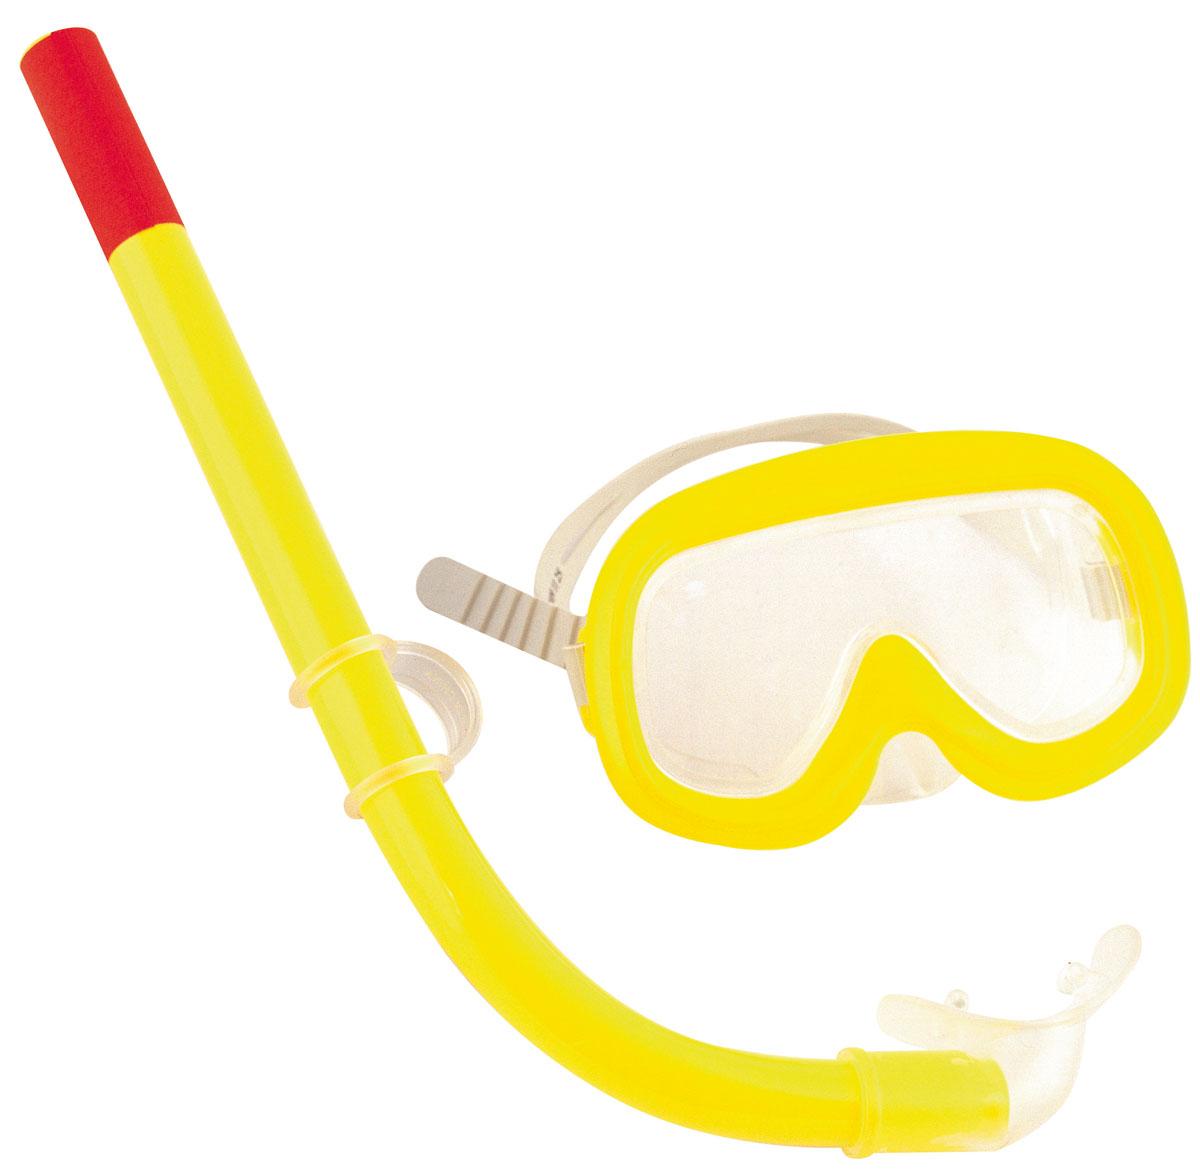 Bestway Детский набор для ныряния Sun. 24006460.010Детский набор для ныряния Bestway Sun предназначен для малышей в возрасте от 3 до 6 лет. В комплект входит удобная маска, обеспечивающая хороший обзор и прочное крепление, и трубка со специальным стандартным изгибом, надежно предотвращающая попадание воды. С таким набором вы можете быть спокойны за безопасность ребенка, изучающего подводный мир. Гарантией качества, удобства и прочности этого набора является его известный производитель Bestway. Этот бренд, появившийся еще в 1993 году, зарекомендовал себя на рынке как изготовитель первоклассных изделий для активного отдыха.